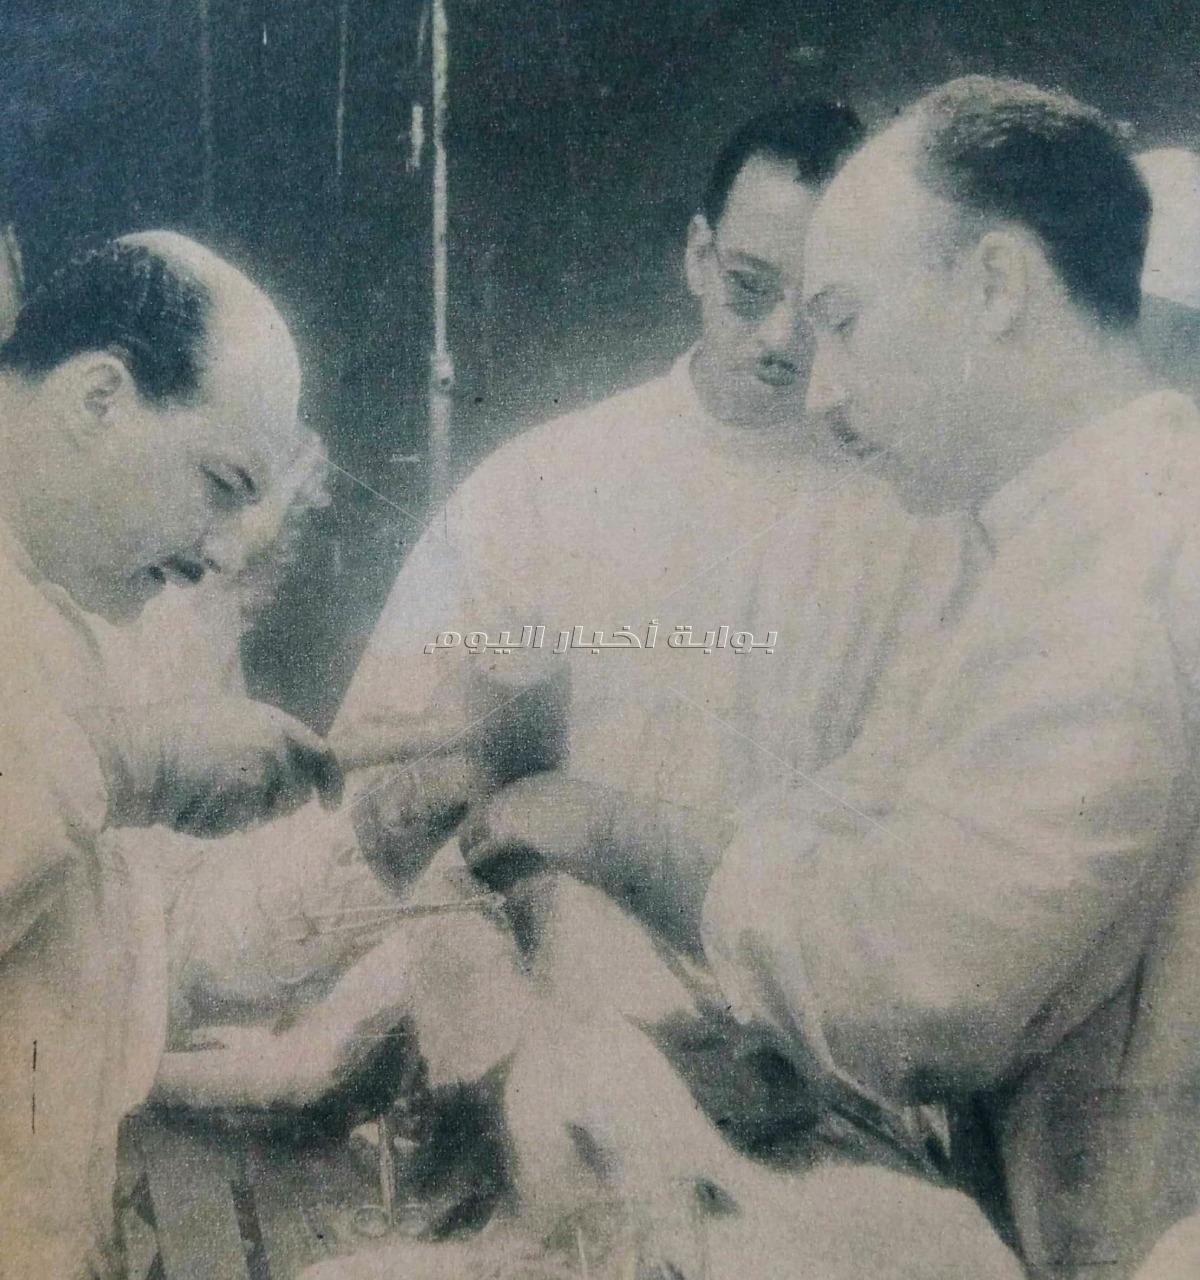 أول عملية جراحية بالقلب في الشرق الأوسط